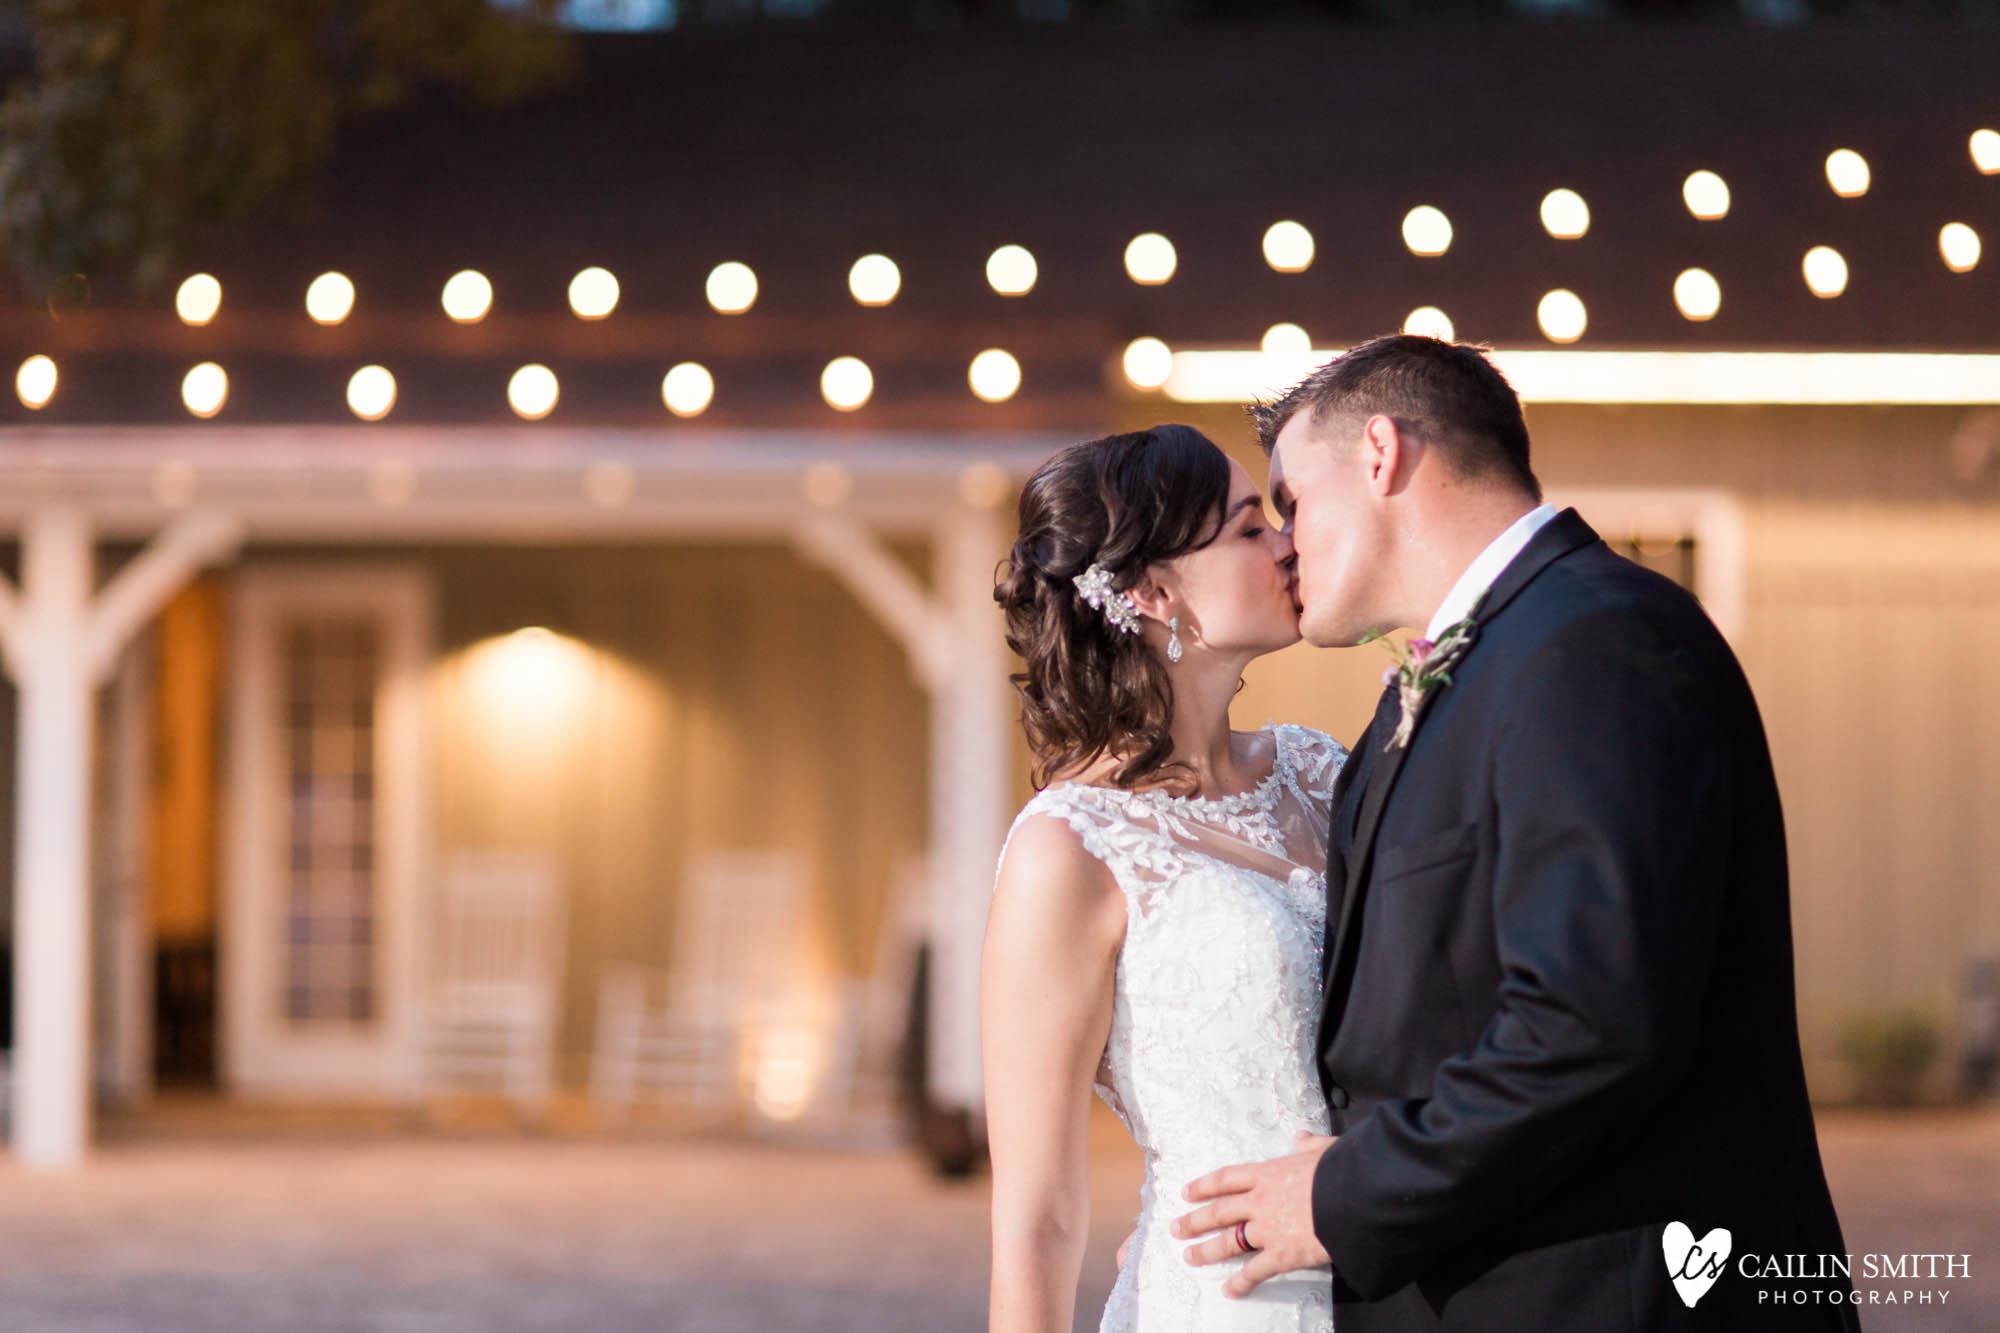 Bethany_Kyle_Bowing_Oaks_Plantation_Wedding_Photography_0089.jpg